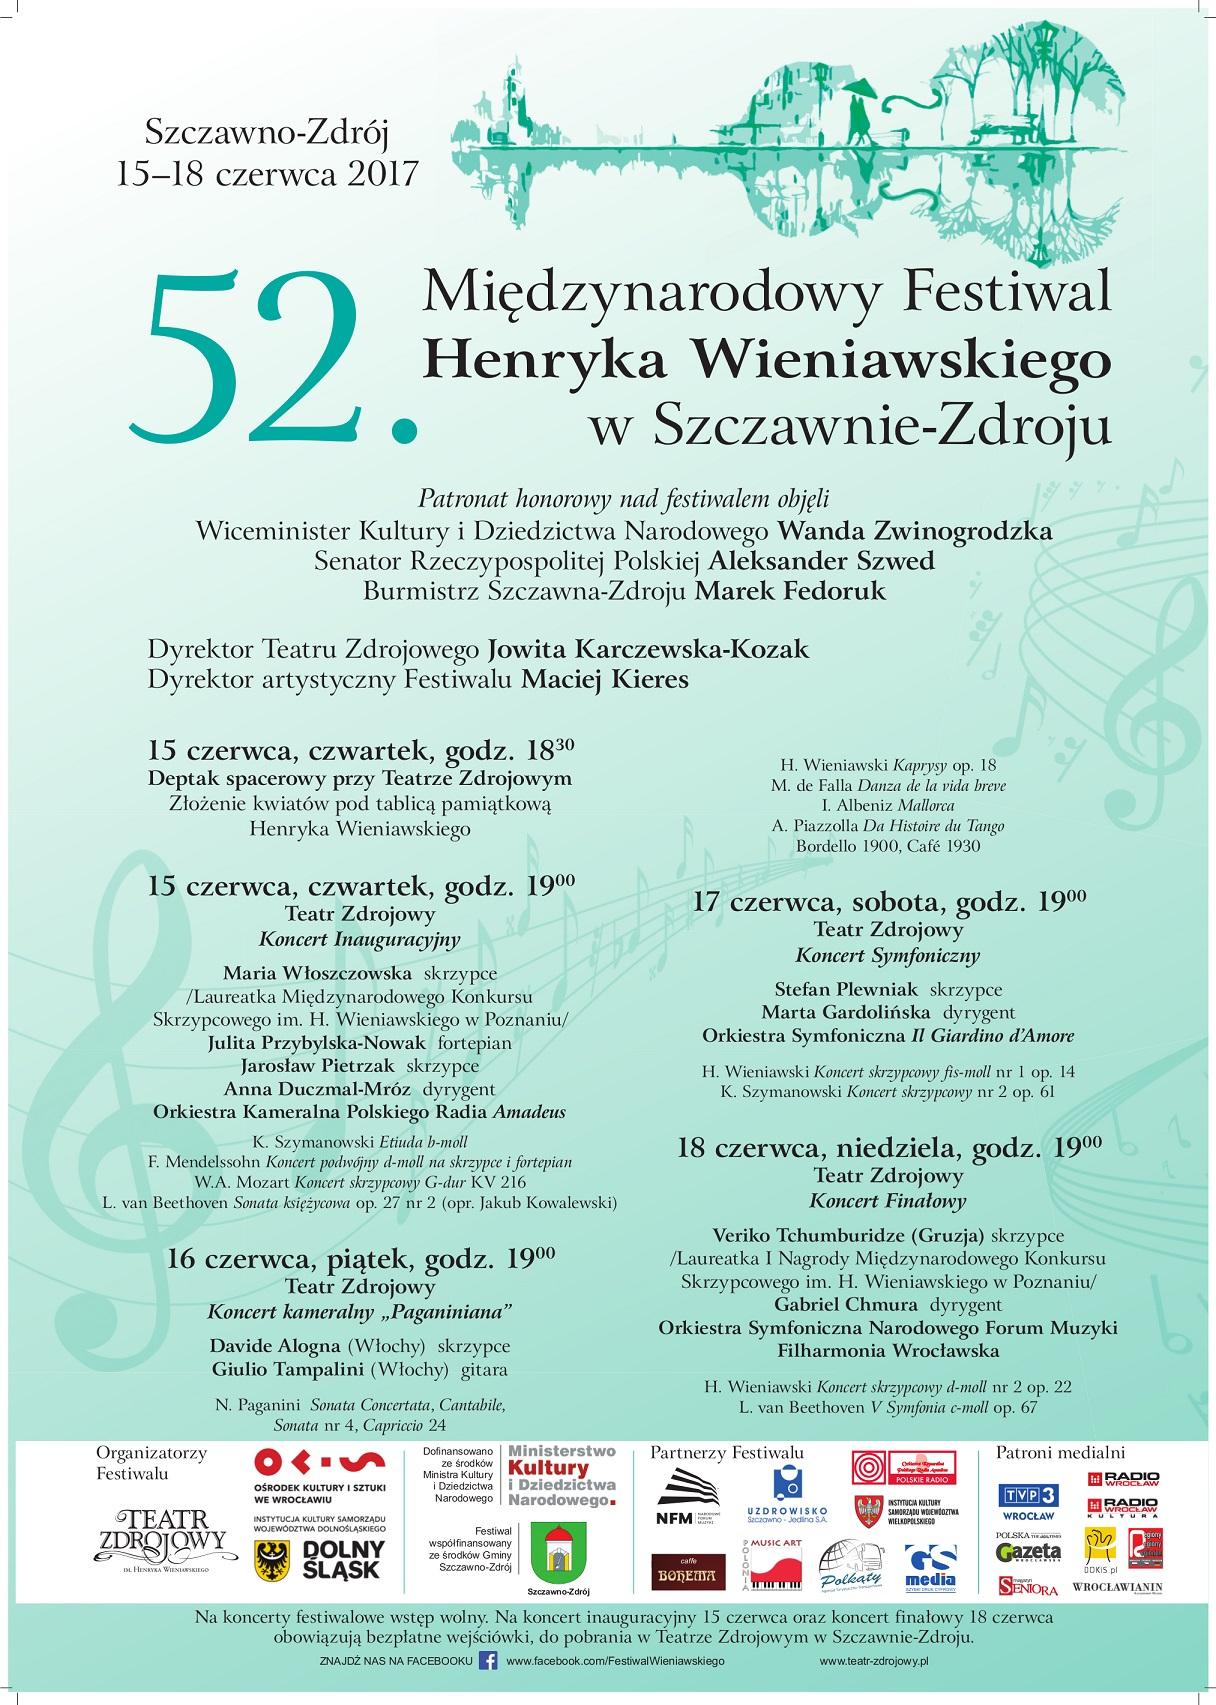 52. Międzynarodowy Festiwal Henryka Wieniawskiego w Szczawnie-Zdroju (15-18.06.2017)